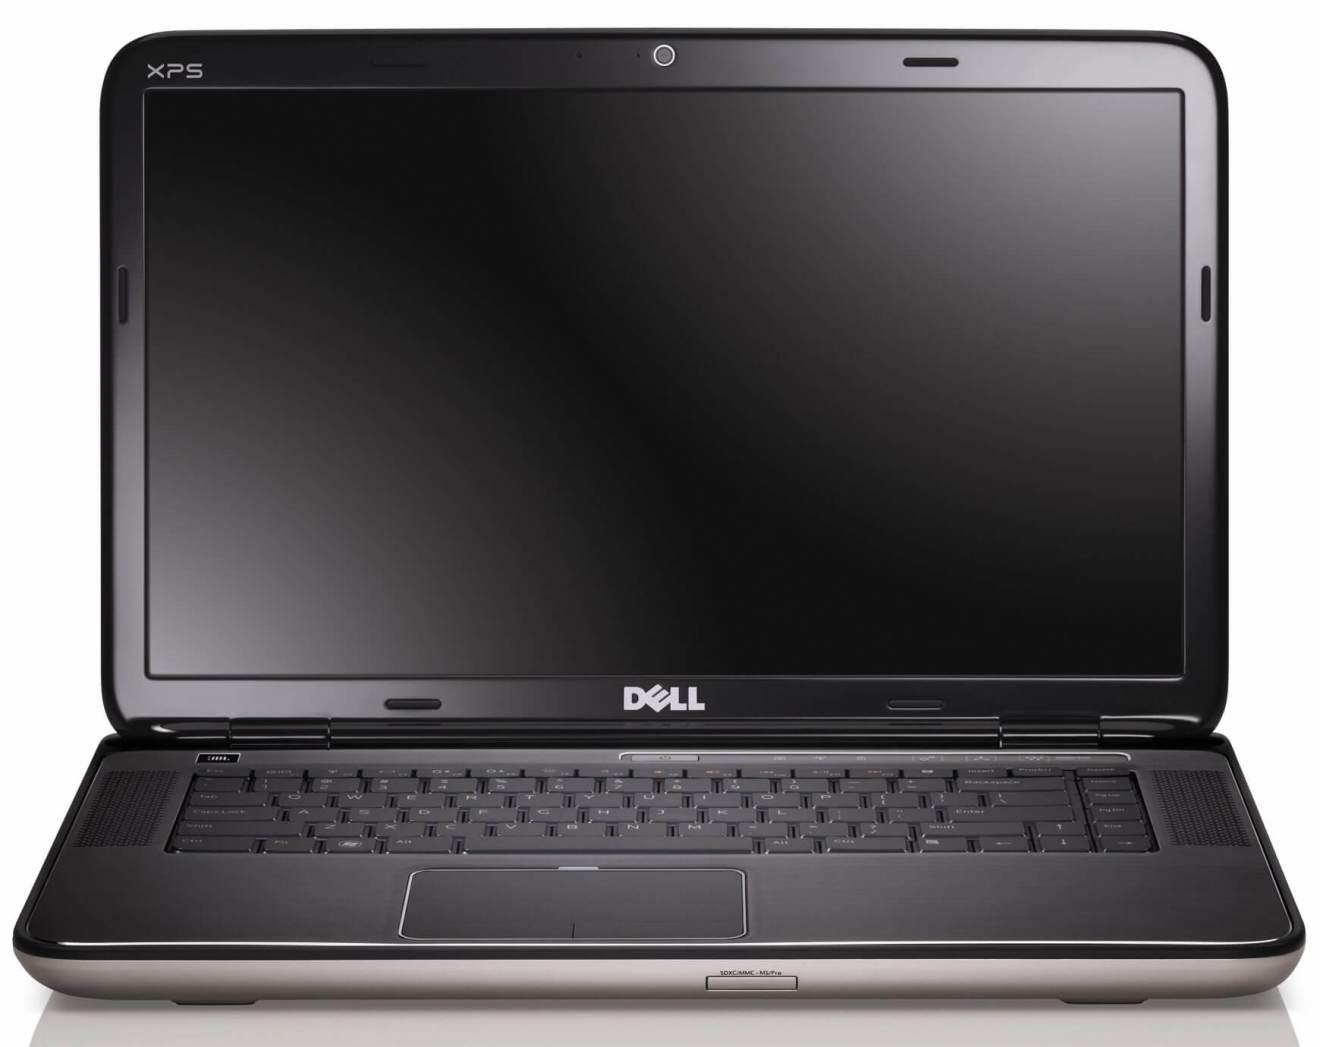 Dell XPS 17 L701x Aluminum - Review: ultrabook Dell XPS 13 - Quando o upgrade vale a pena